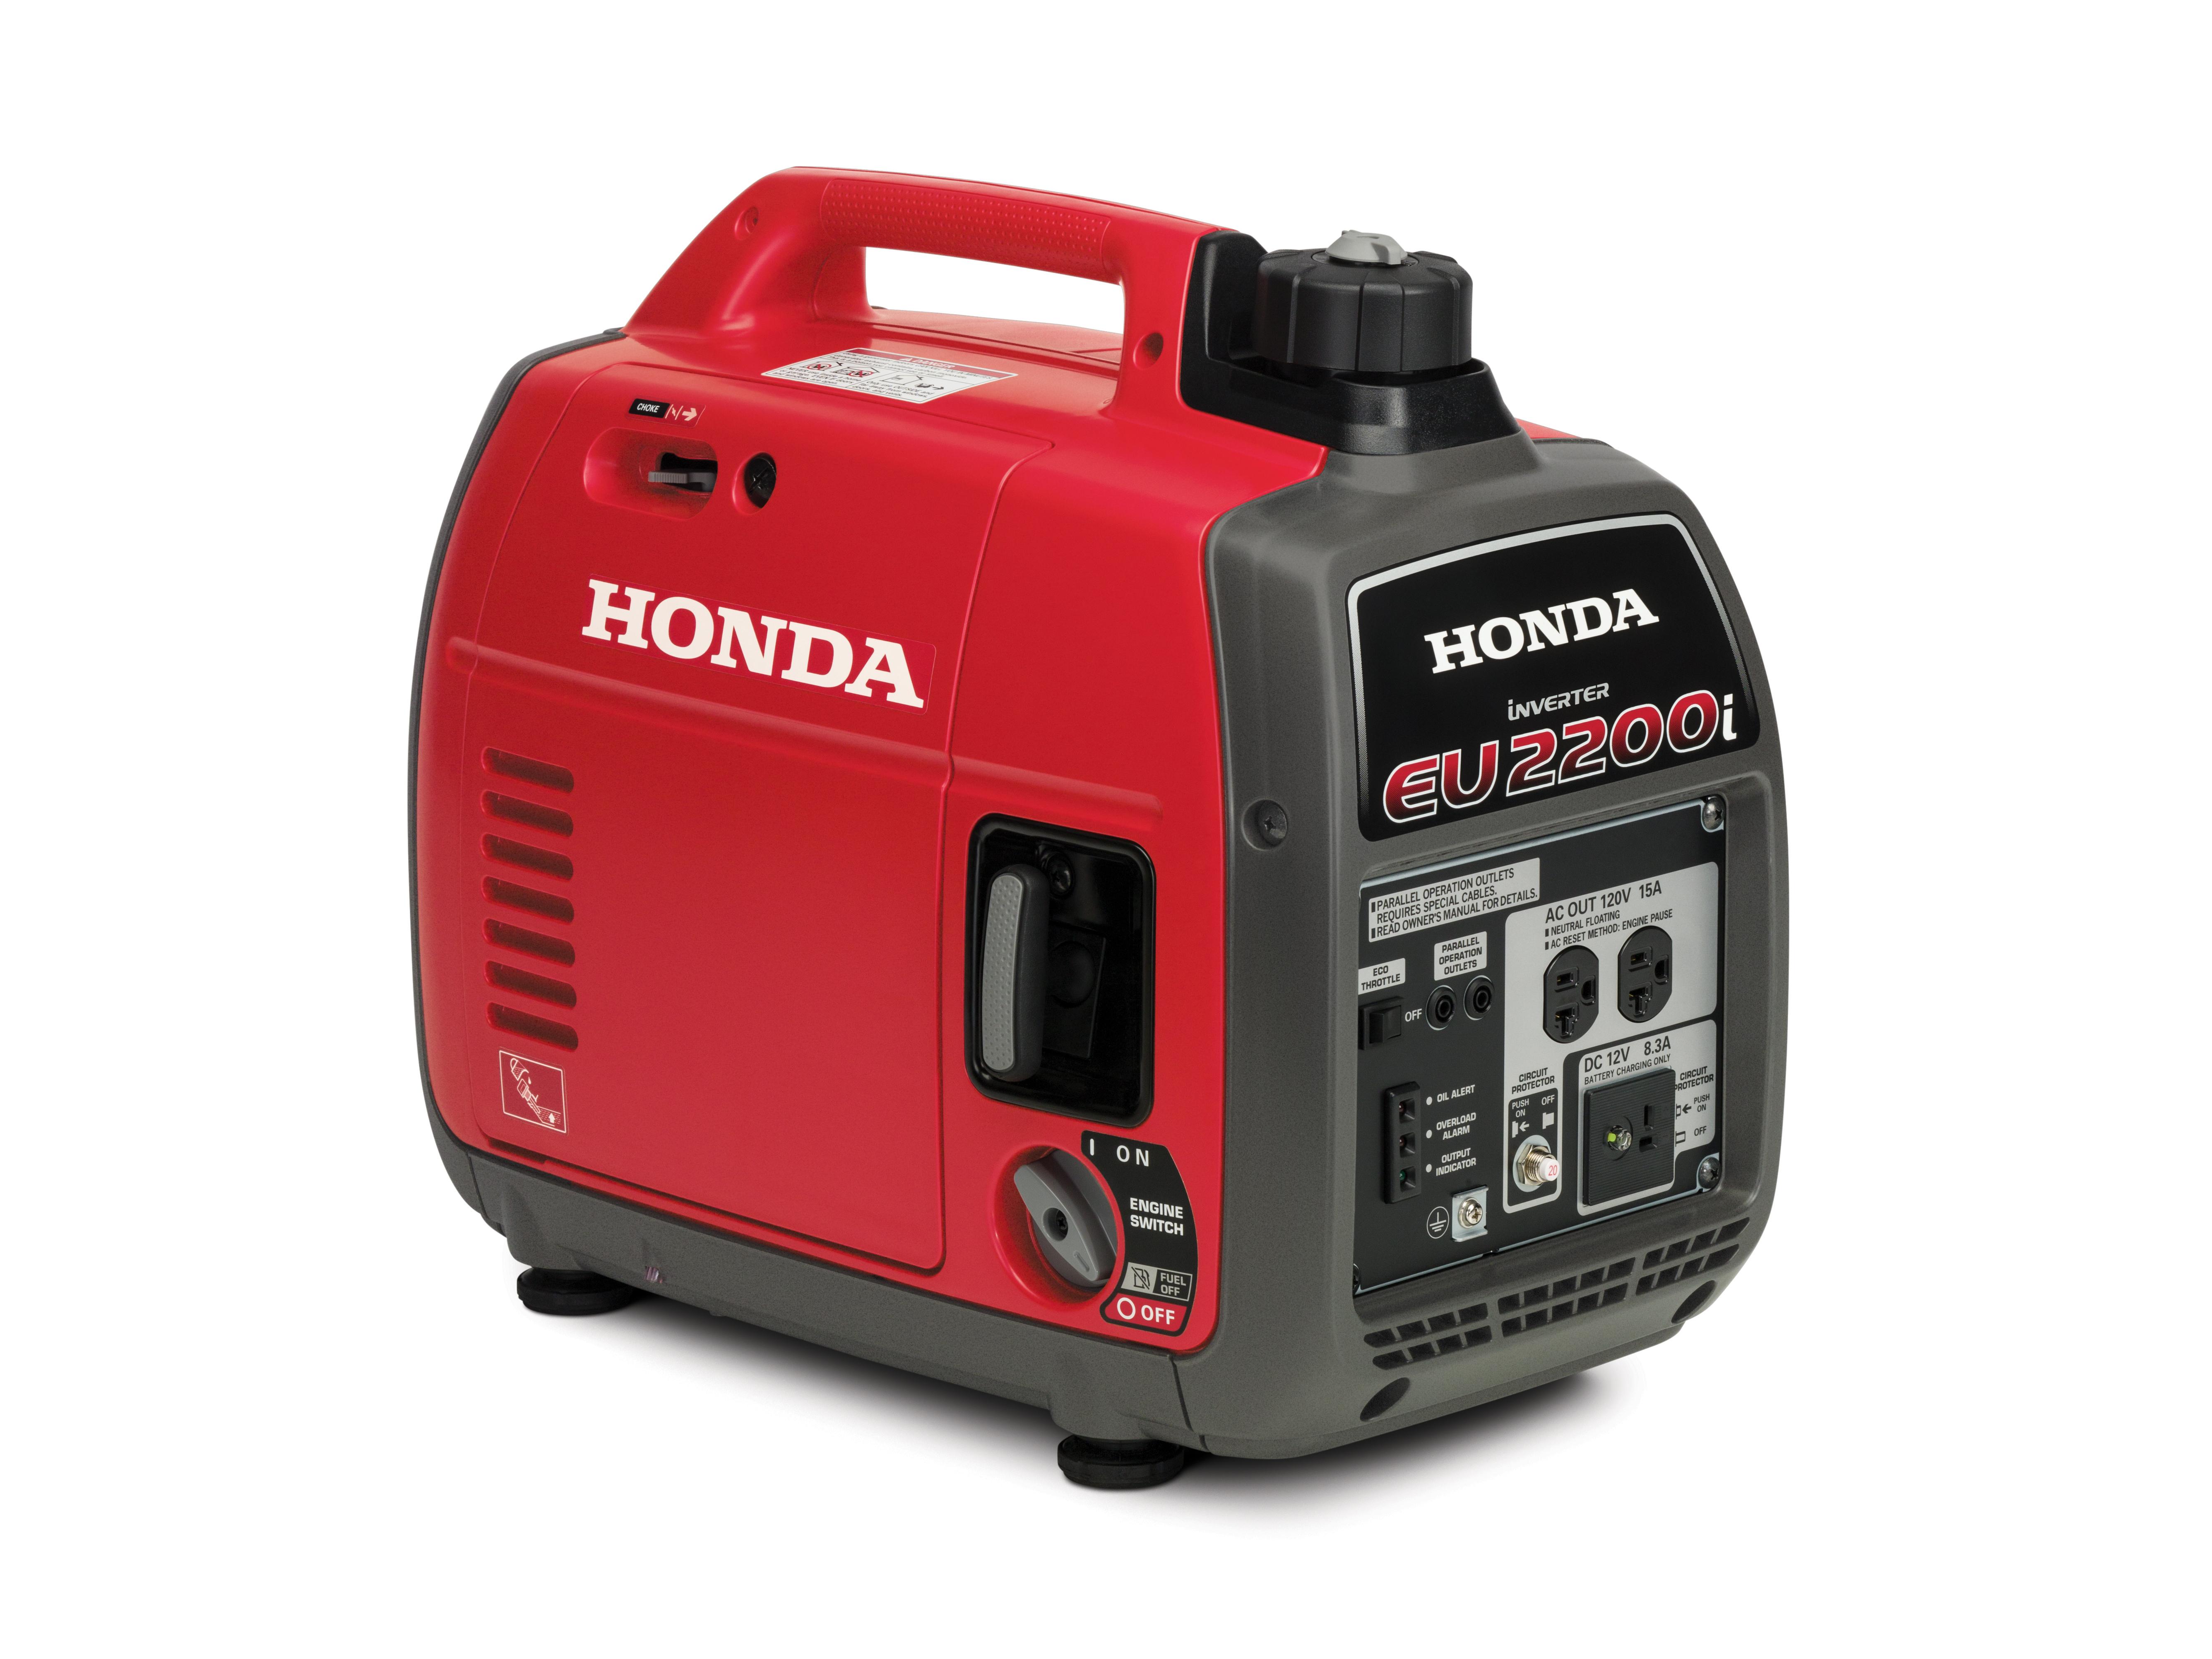 Murdoch's – Honda - Super Quiet Inverter Generator - EU2200i